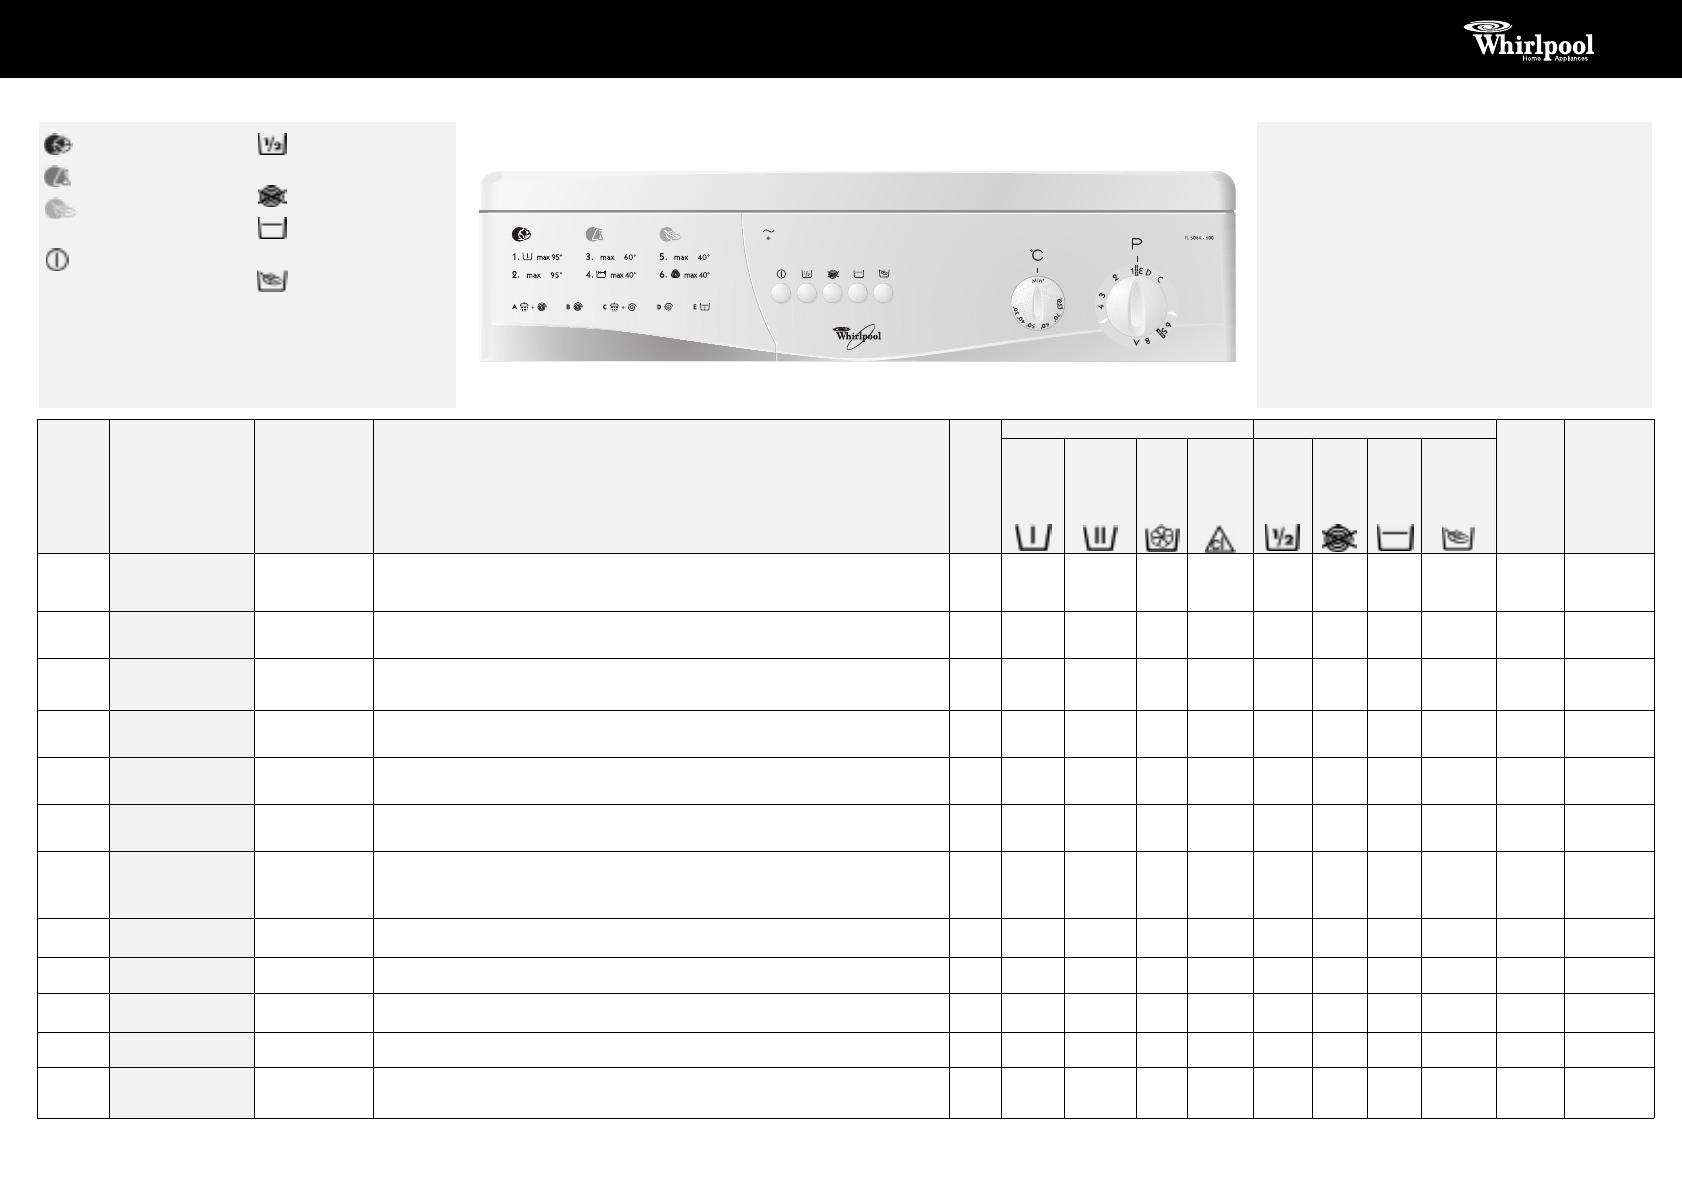 инструкция по эксплуатации стиральной машины горенье wa743w